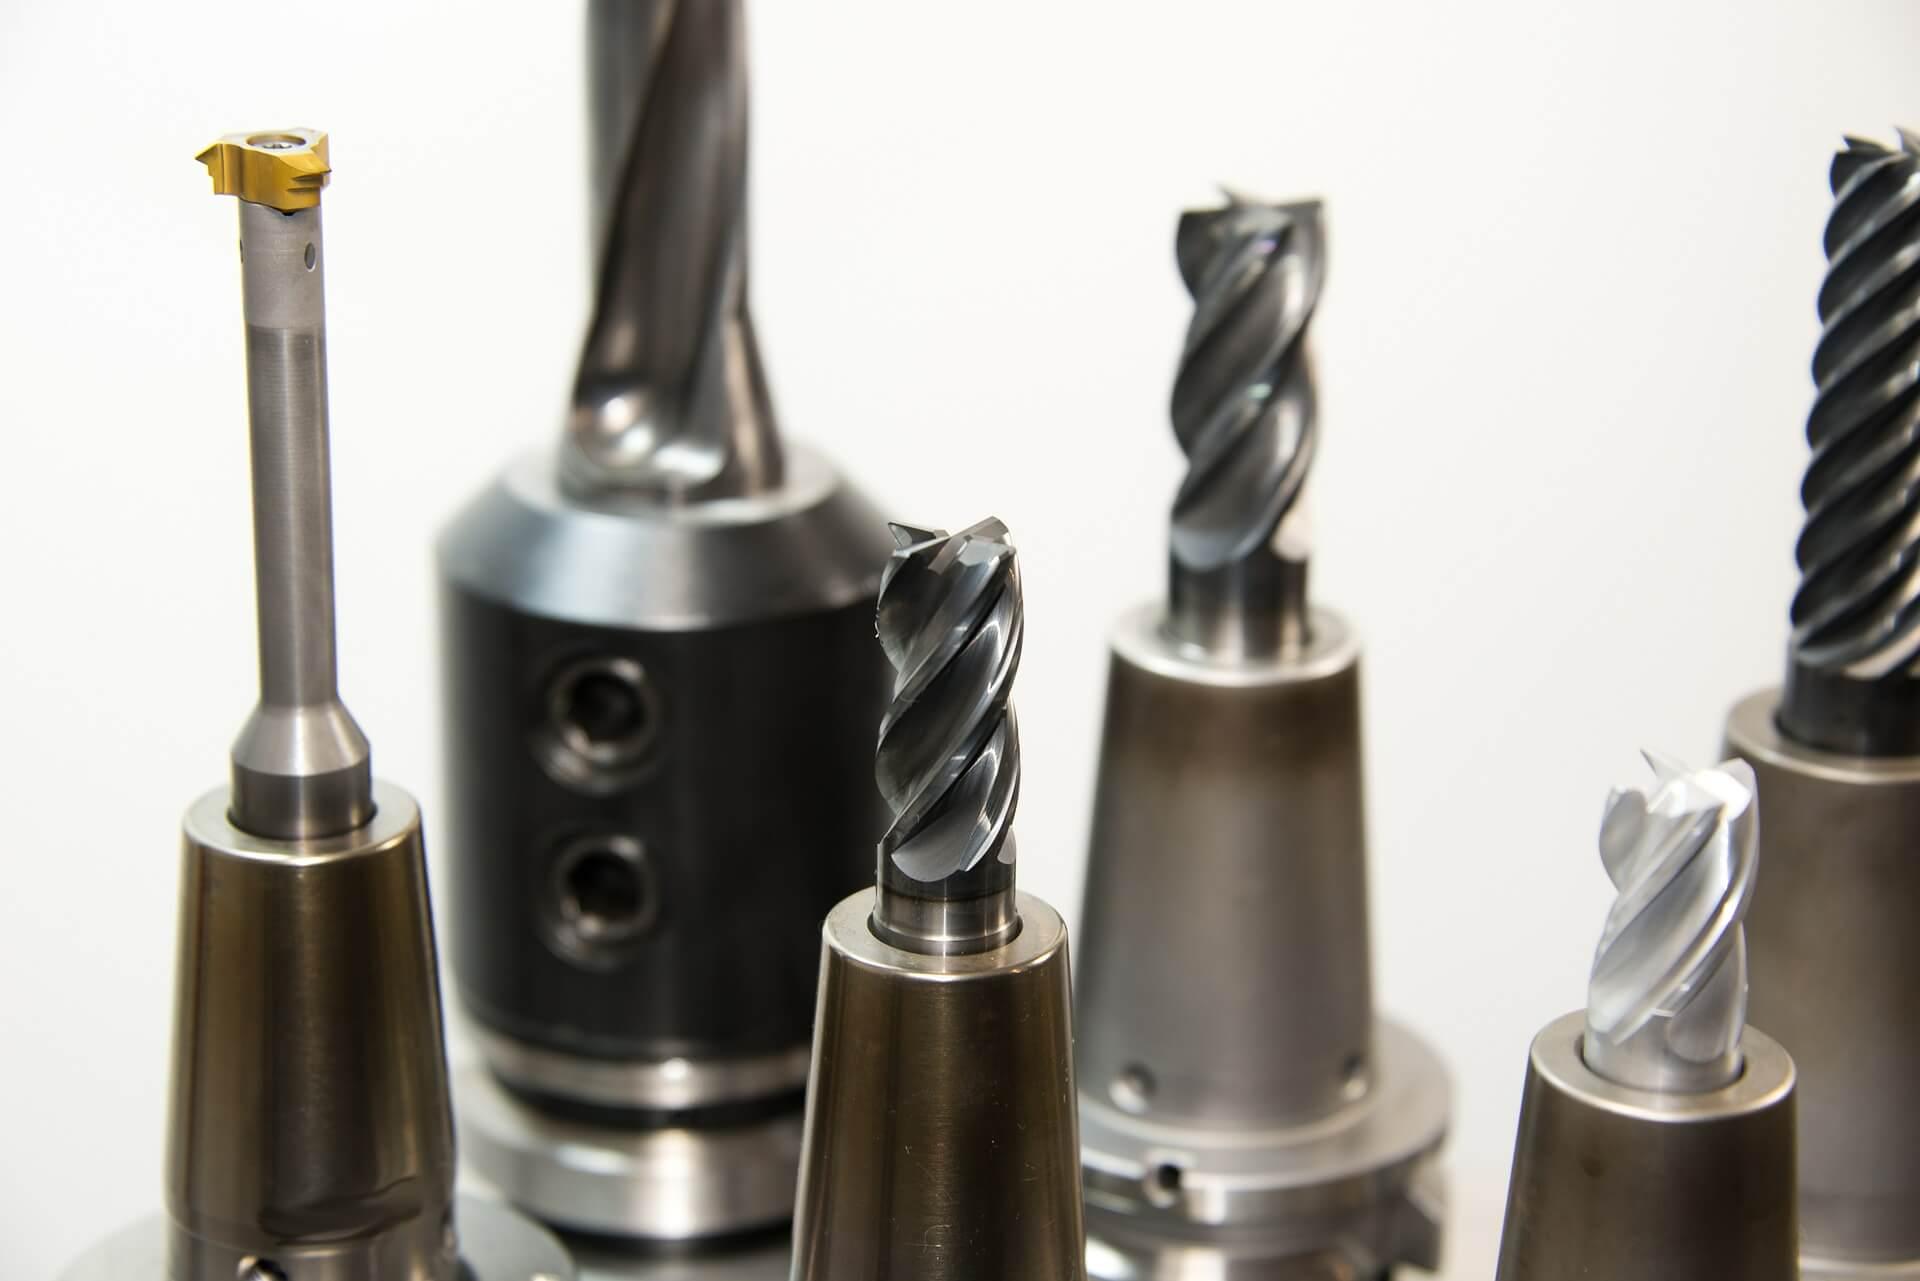 Skrzynka z narzędziami - niezbędnik prawdziwego mężczyzny